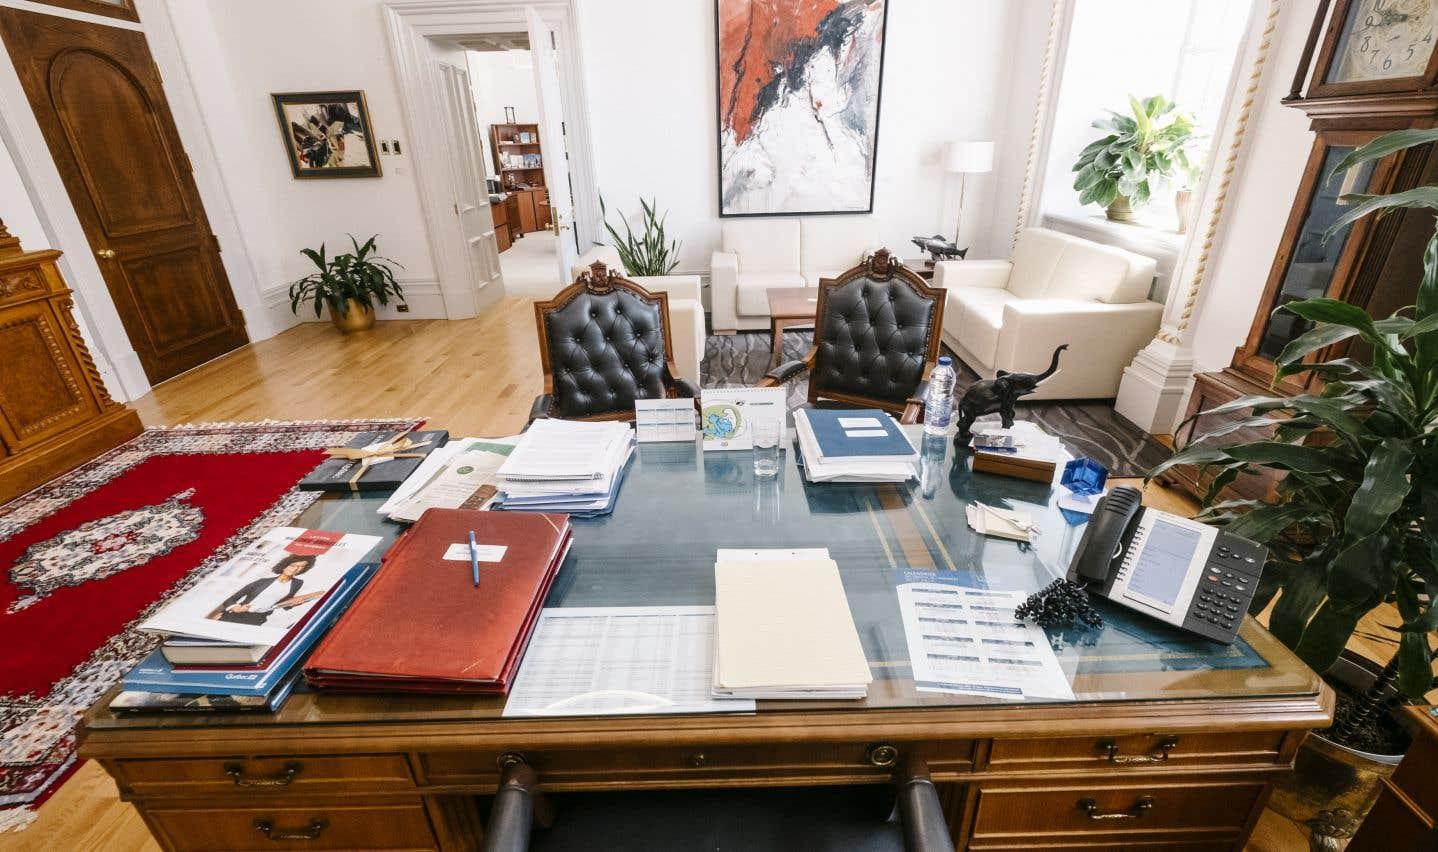 Le bureau du président de l'Assemblée nationale, à l'hôtel du Parlement, jouxte des appartements privés qui, à l'époque où Claude Vaillancourt occupait l'illustre fonction, servaient réellement de logis.